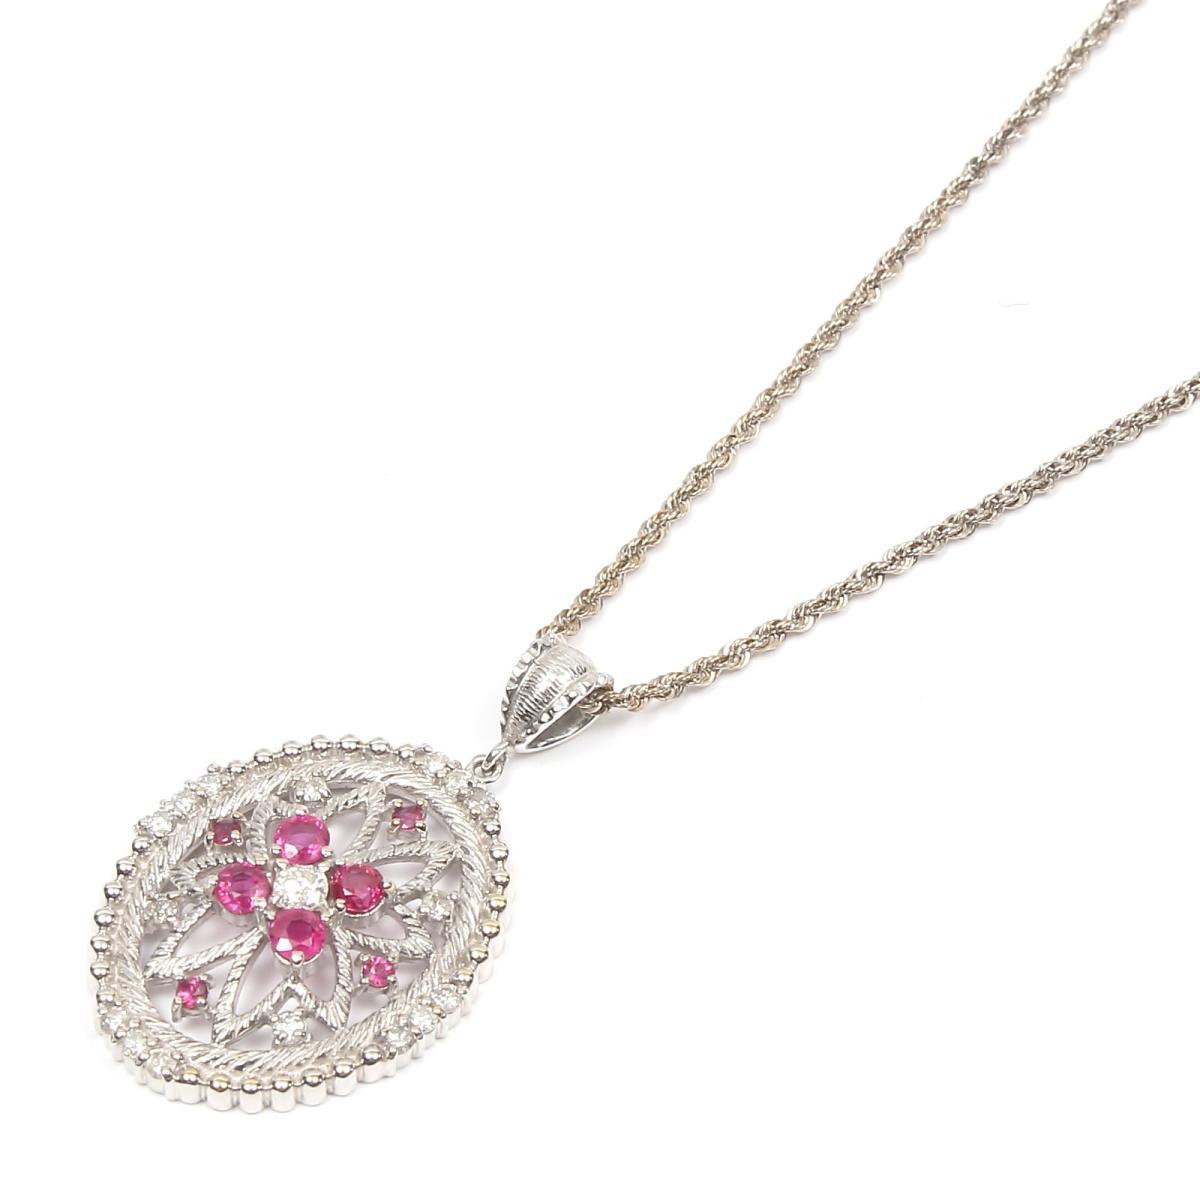 【中古】 ジュエリー ルビー ダイヤモンド ネックレス レディース K18WG (750) ホワイトゴールド x ルビー x ダイヤモンド (0.50ct)   JEWELRY ネックレス K18 18K 18金 美品 ブランドオフ BRANDOFF